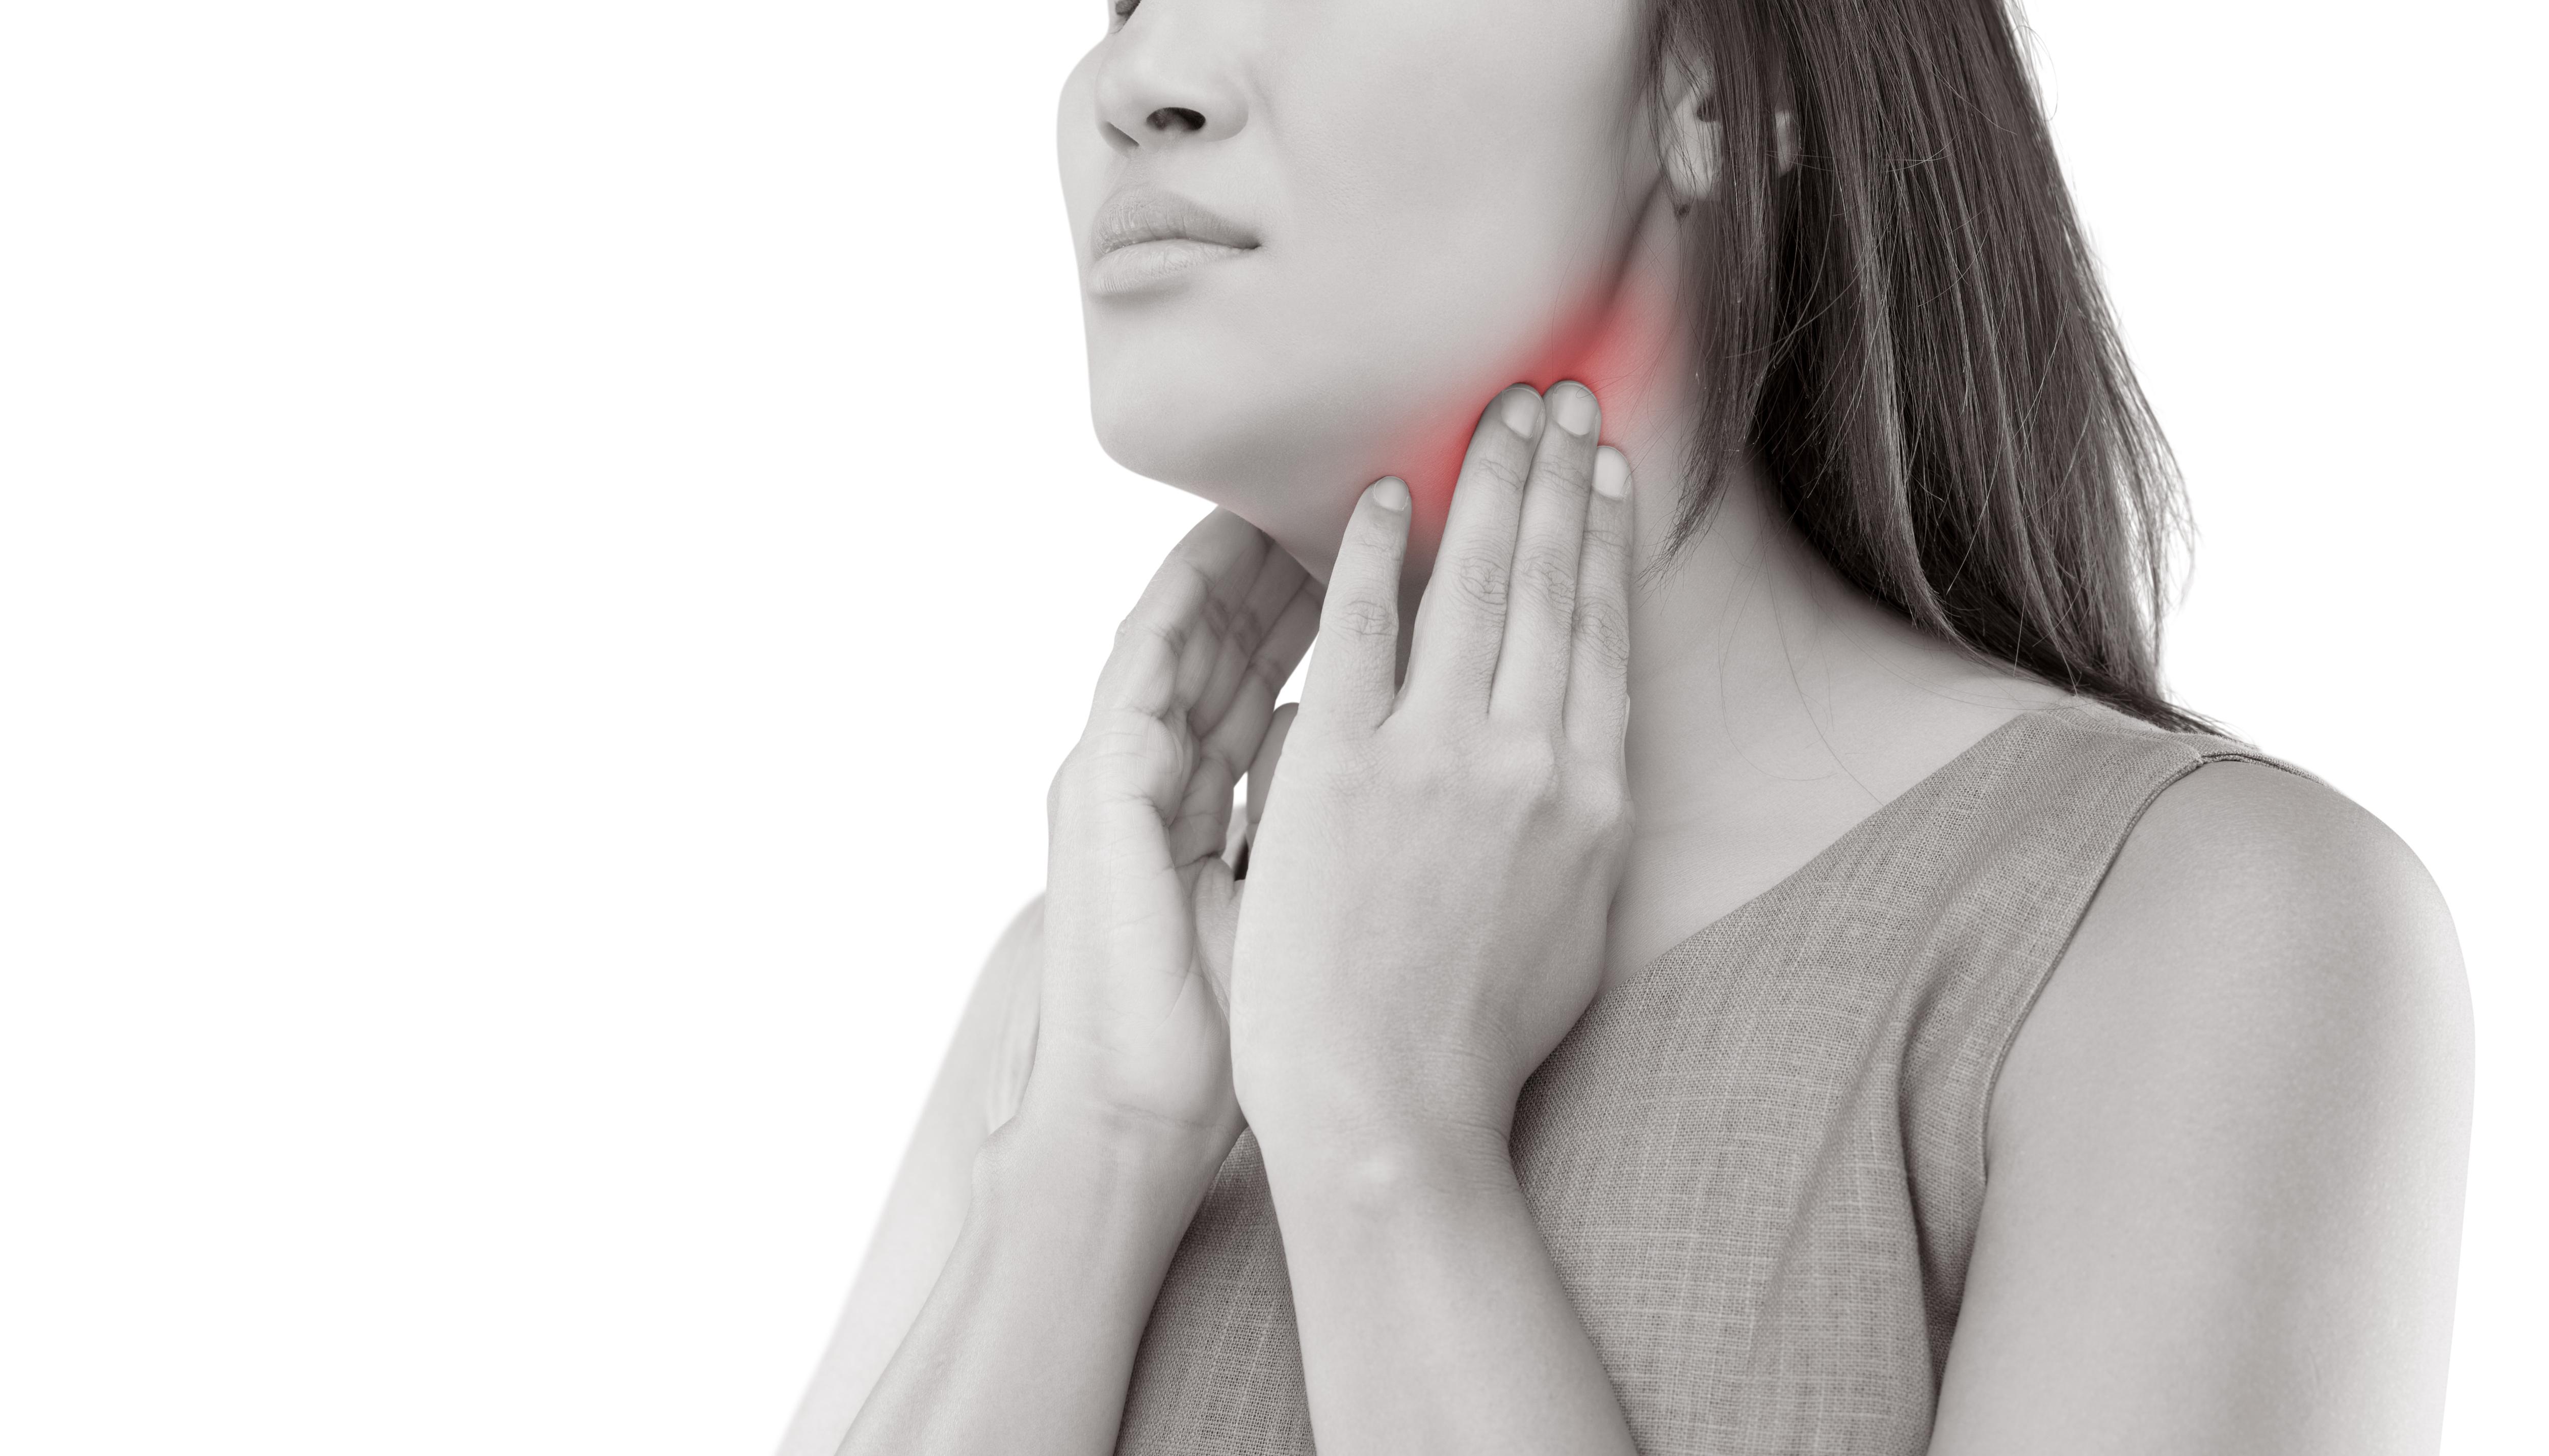 inflamacion de ganglios linfaticos